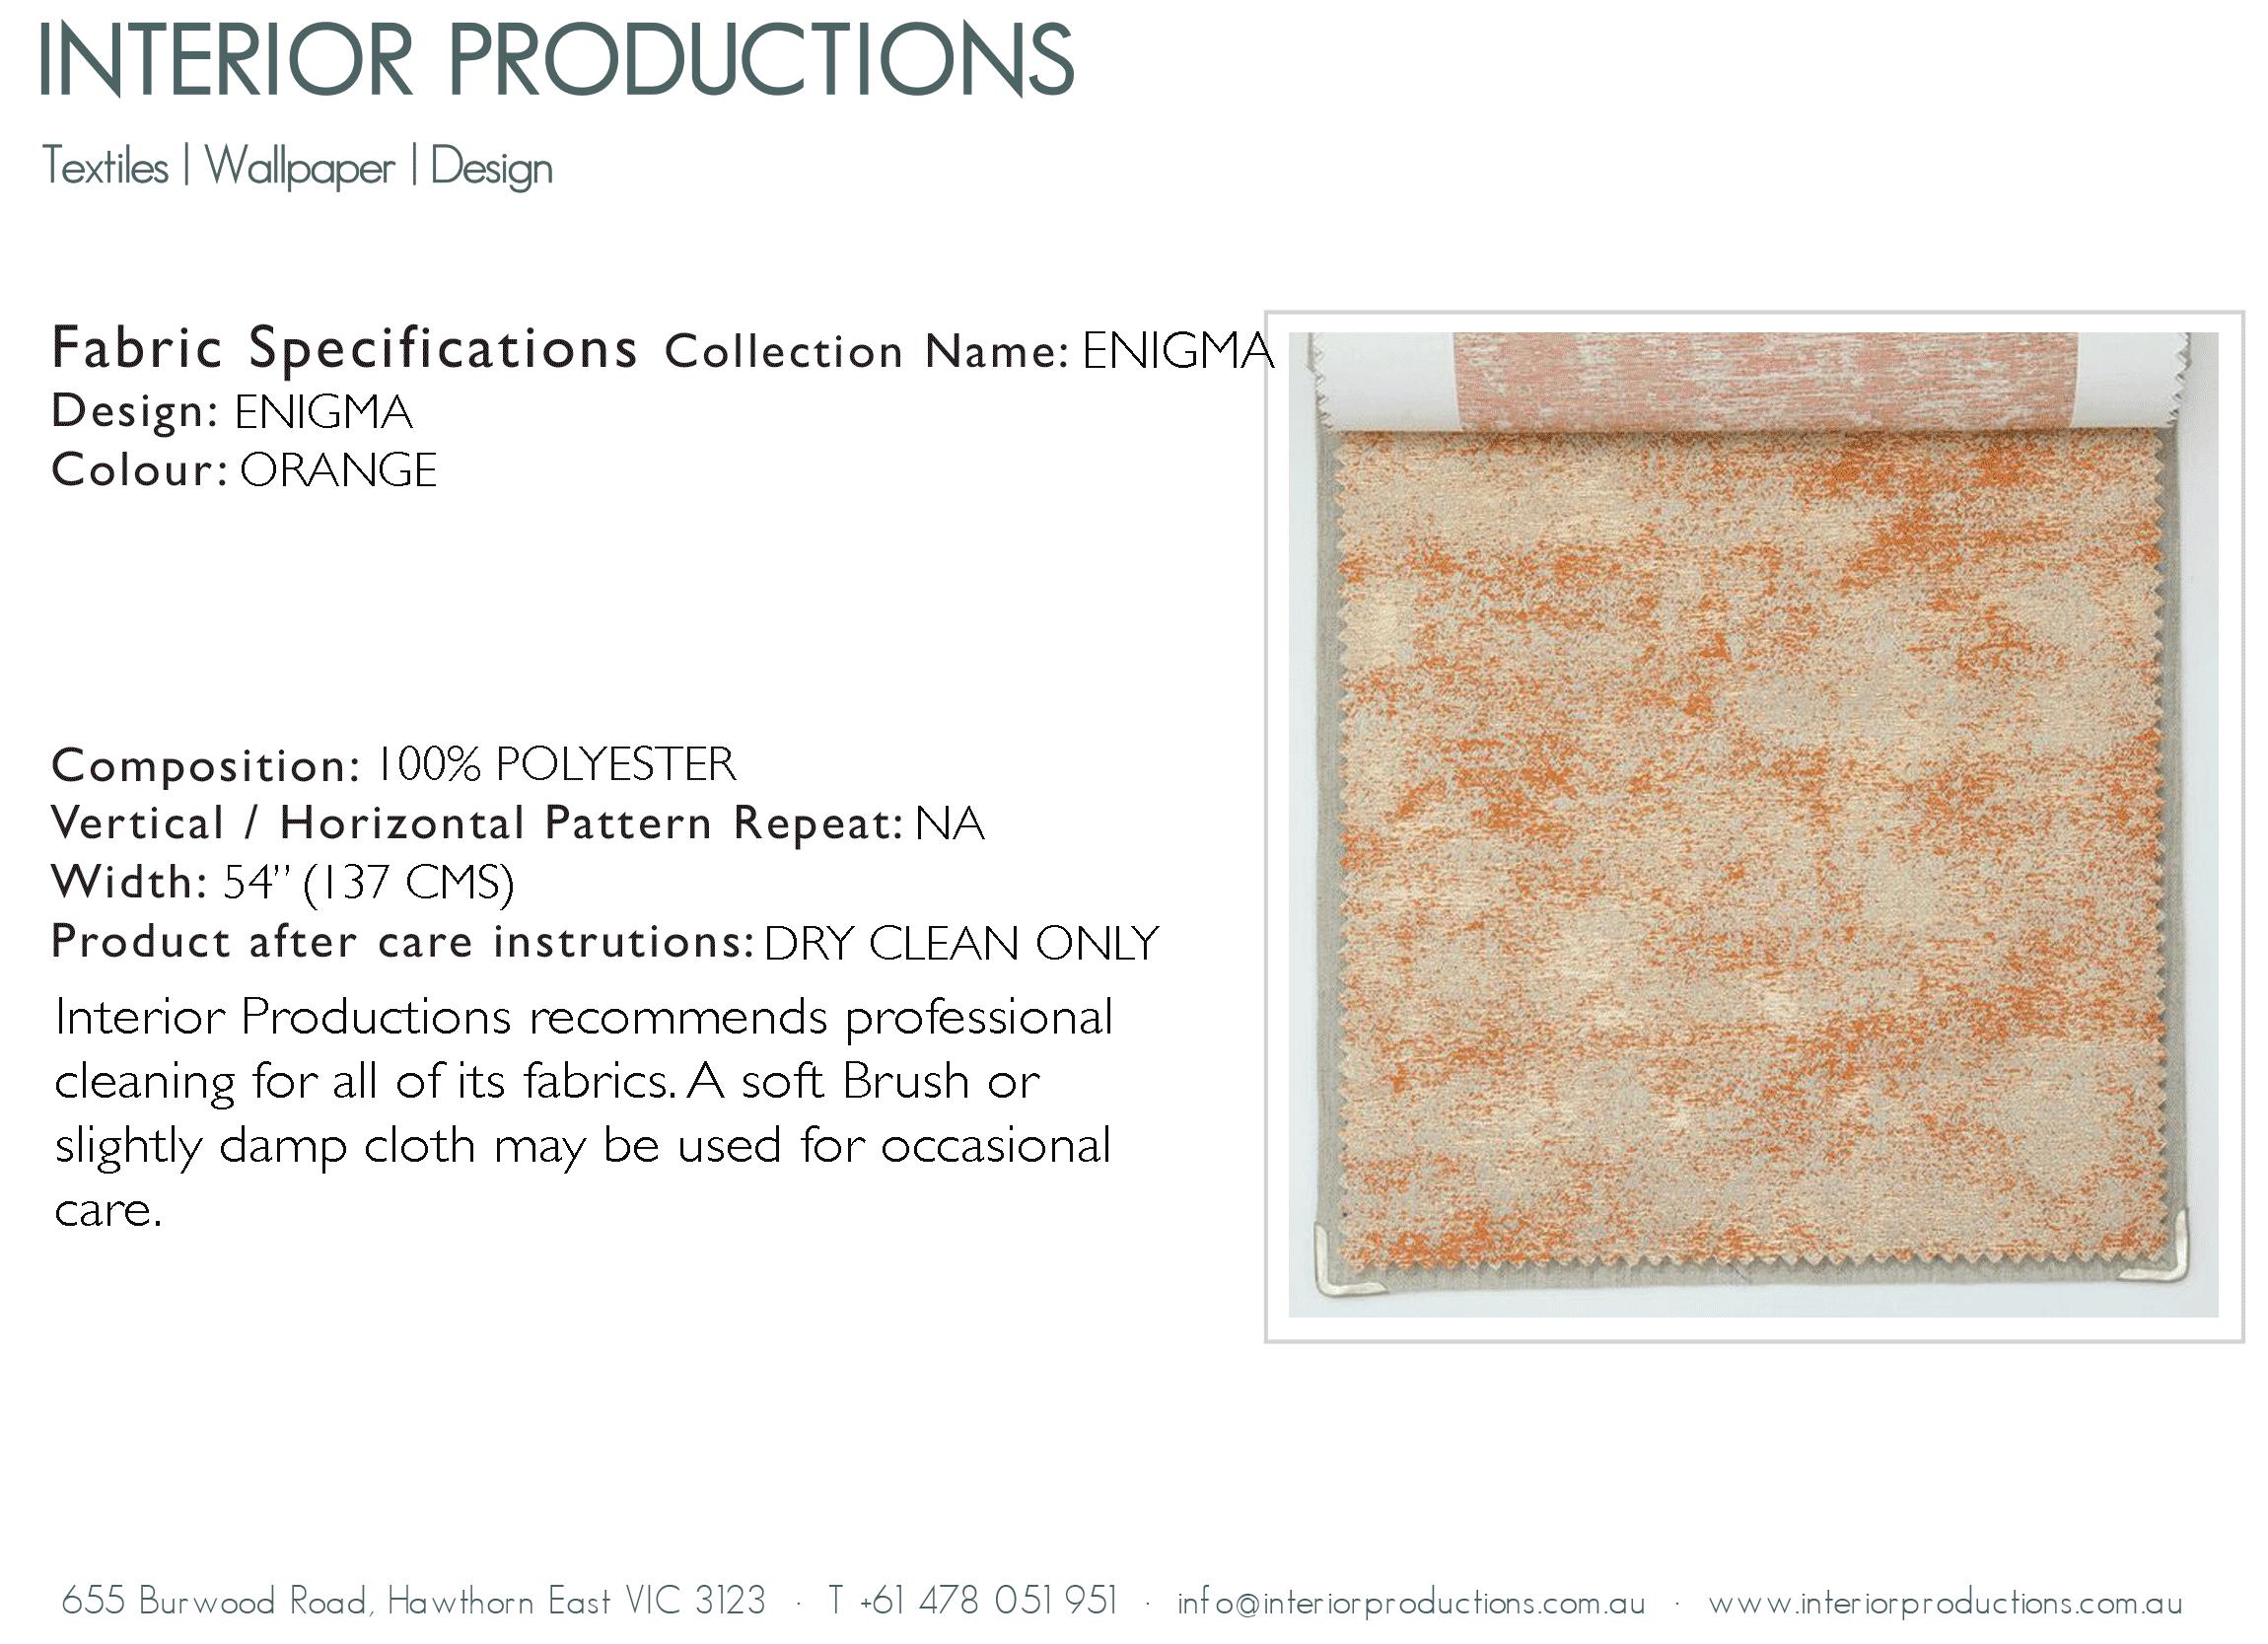 interior_productions_ENIGMA---ORANGE